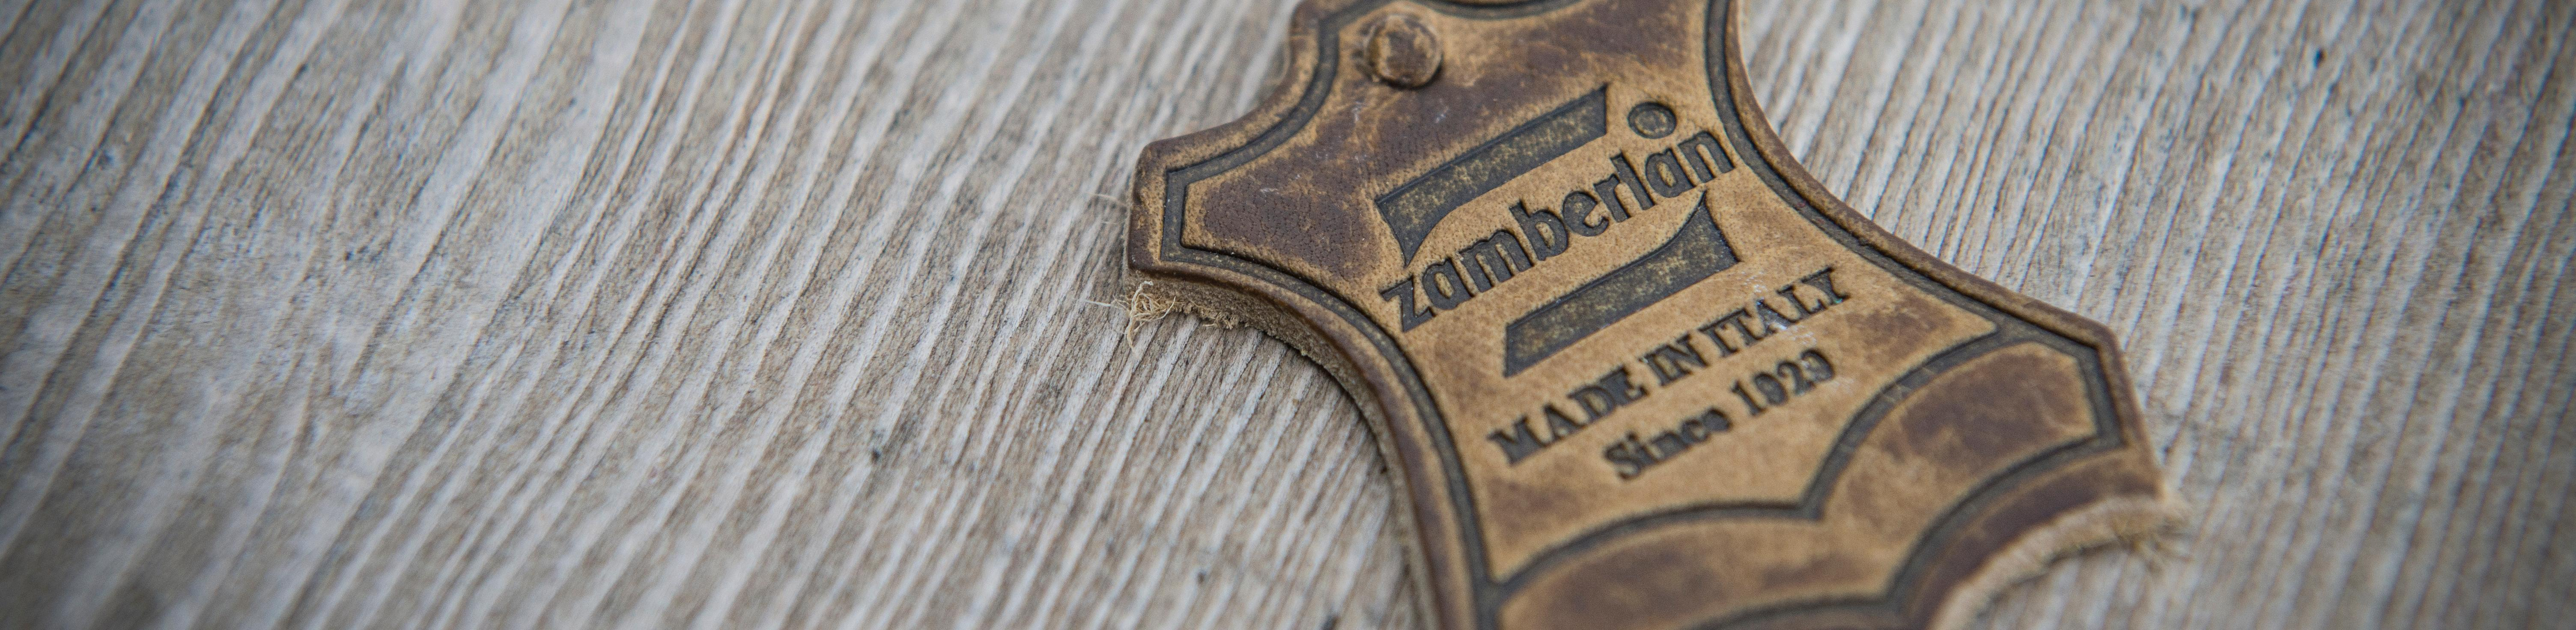 9af7a3a5cfa ZAMBERLAN OUTLET | The Best Deals on Zamberlan Boots | Zamberlan USA